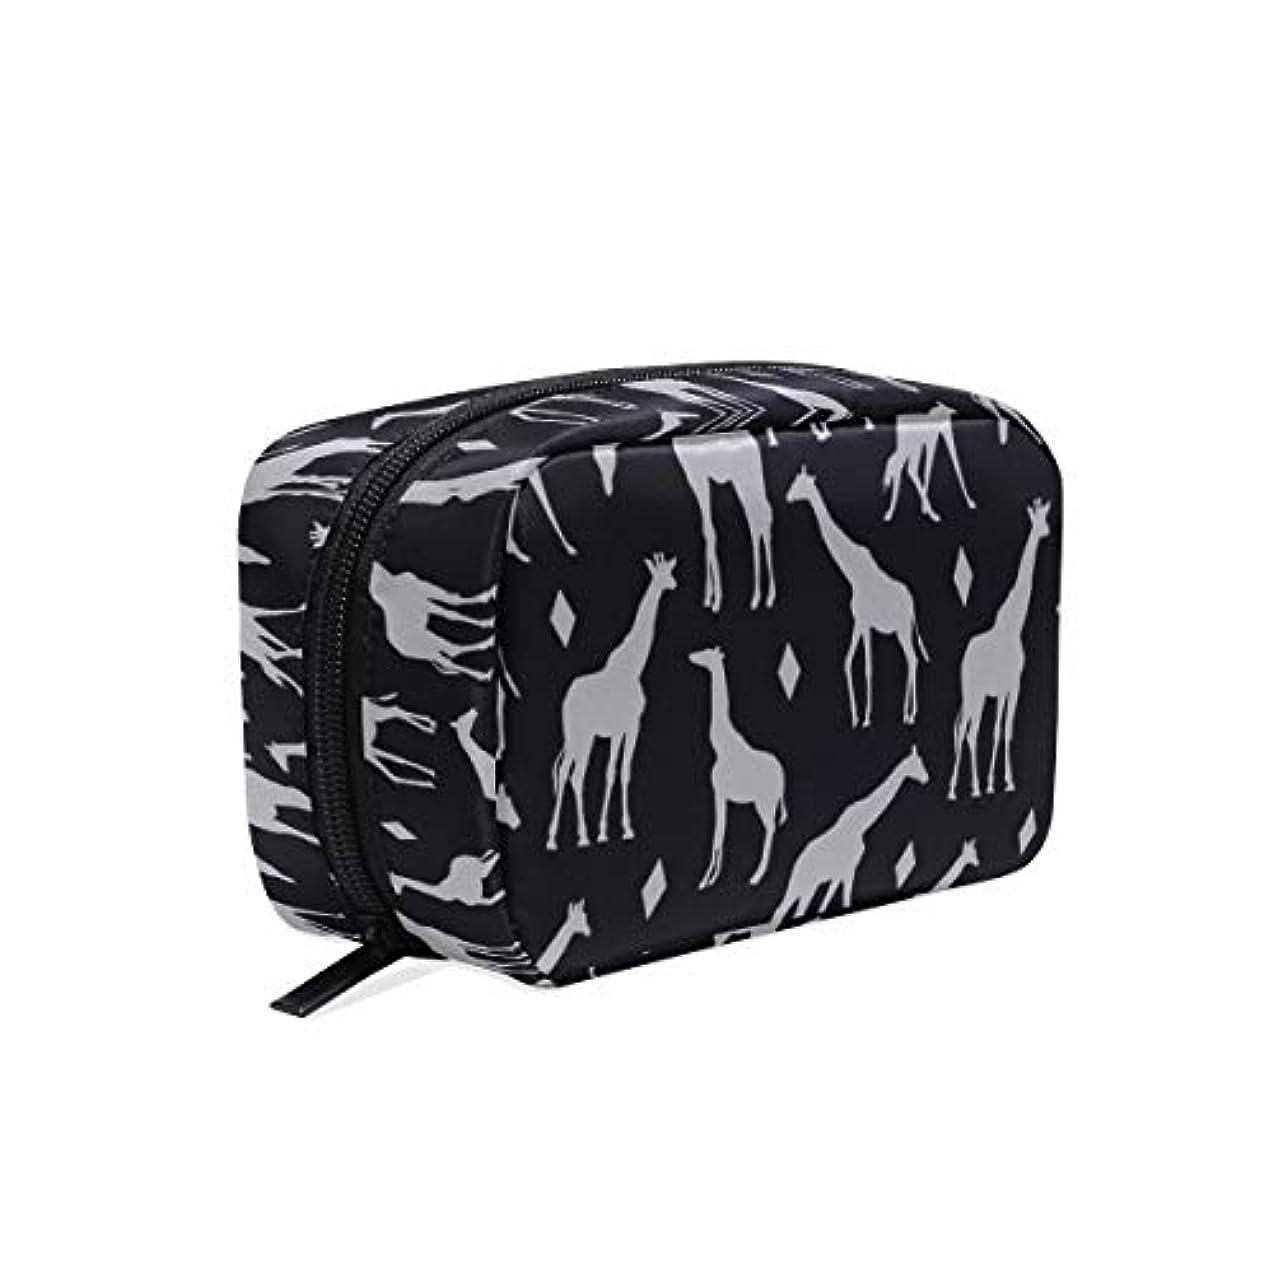 ウガンダメイエラひねりキリン柄 グレイ 化粧ポーチ メイクポーチ 機能的 大容量 化粧品収納 小物入れ 普段使い 出張 旅行 メイク ブラシ バッグ 化粧バッグ